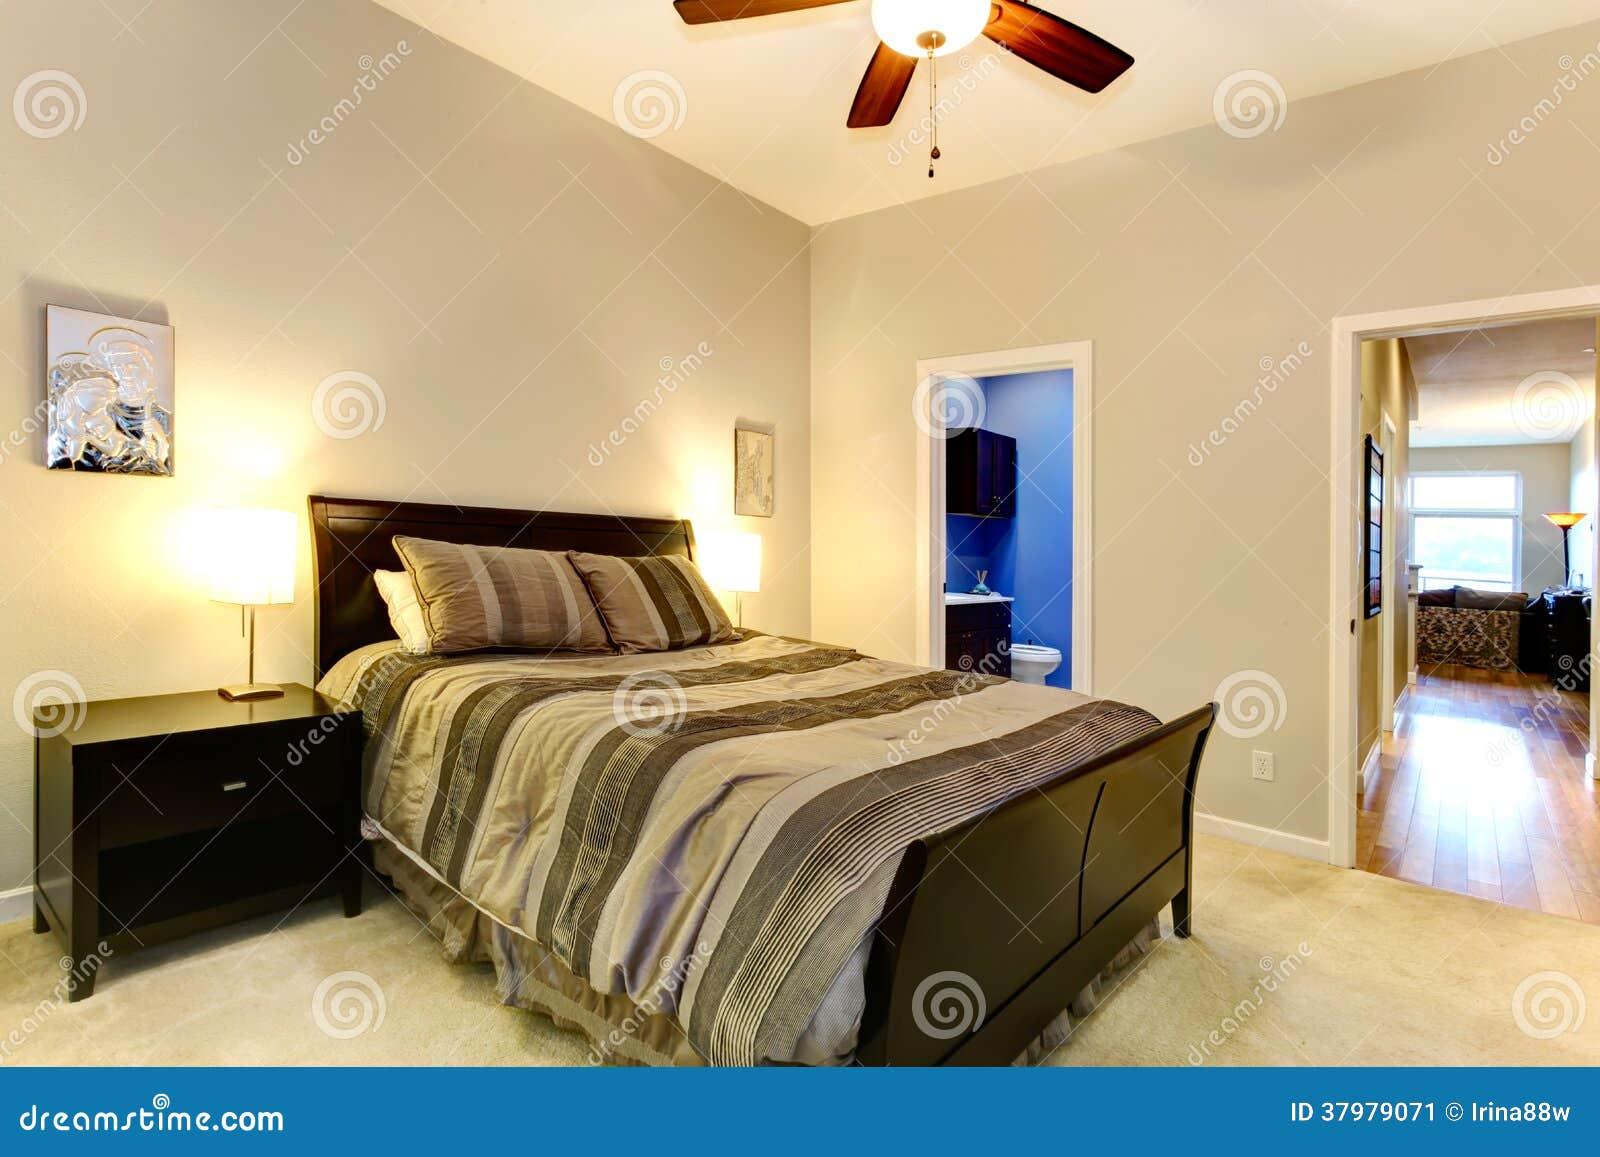 Elegent master bedroom stock image image 37979071 for Soft carpet for bedrooms